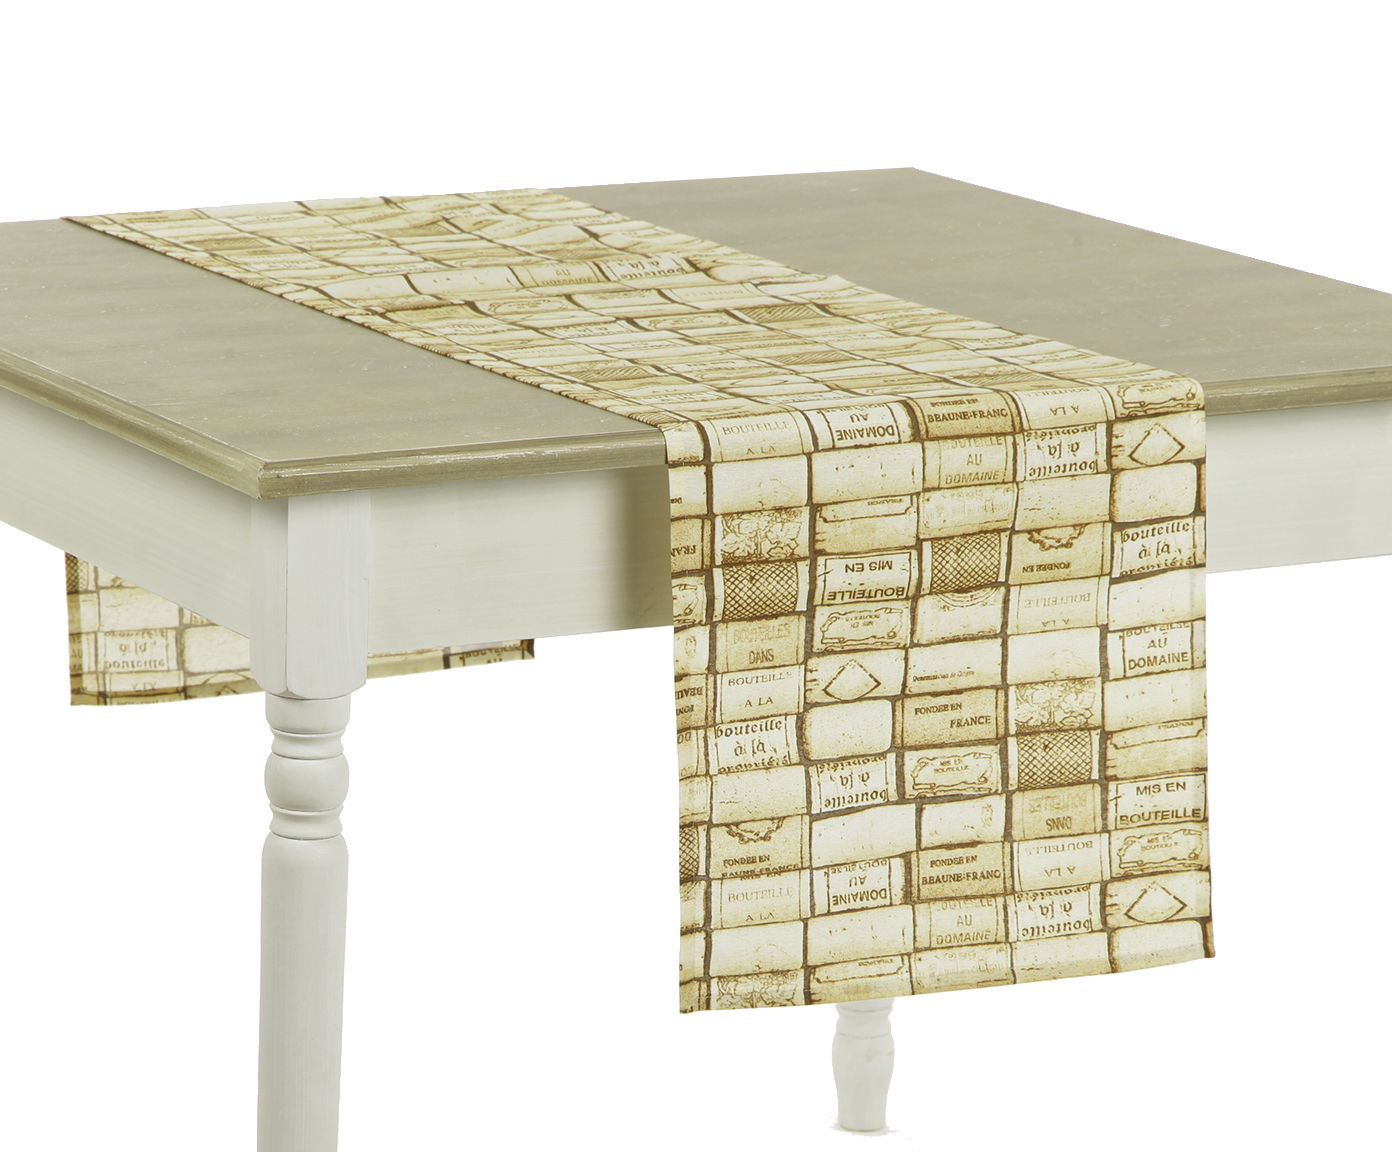 Дорожка DomaneСкатерти<br>Скатерть узкая на стол. Подойдет для романтического стиля и настроения. Яркий дизайн. Ткань прочная ,износоустойчивая.<br><br>Material: Хлопок<br>Length см: 180<br>Width см: 40